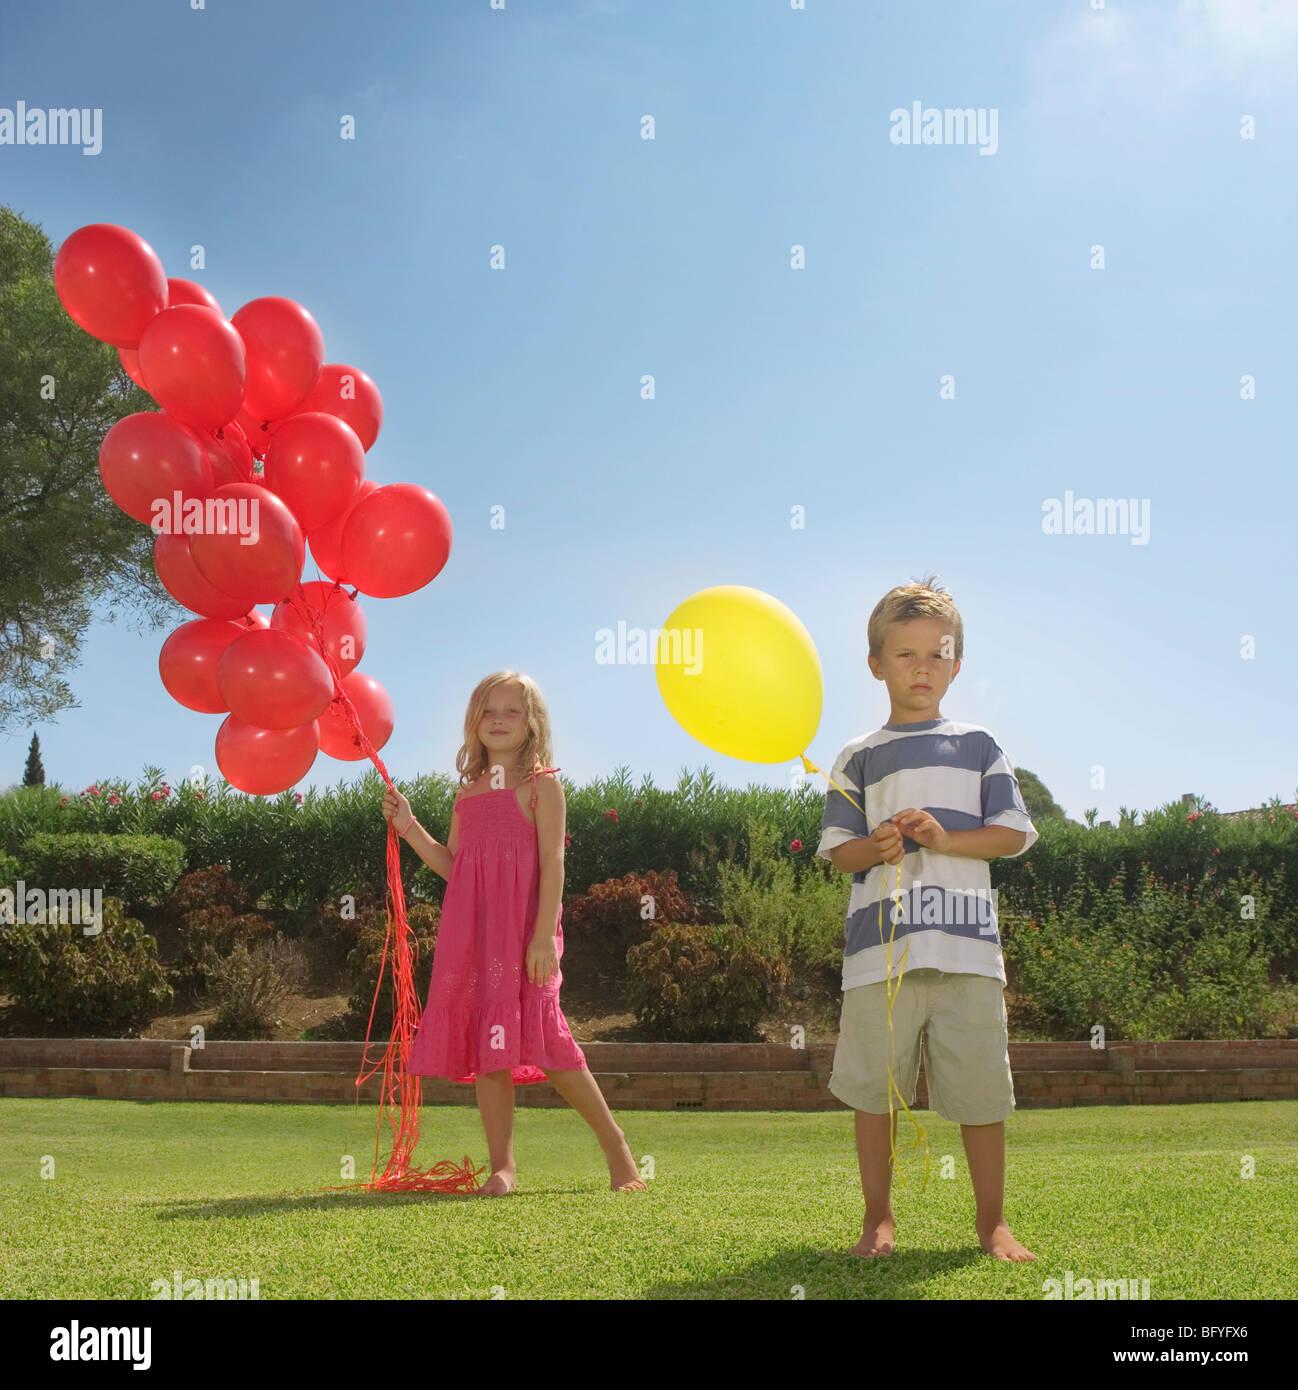 Los niños sosteniendo globos rojos Imagen De Stock